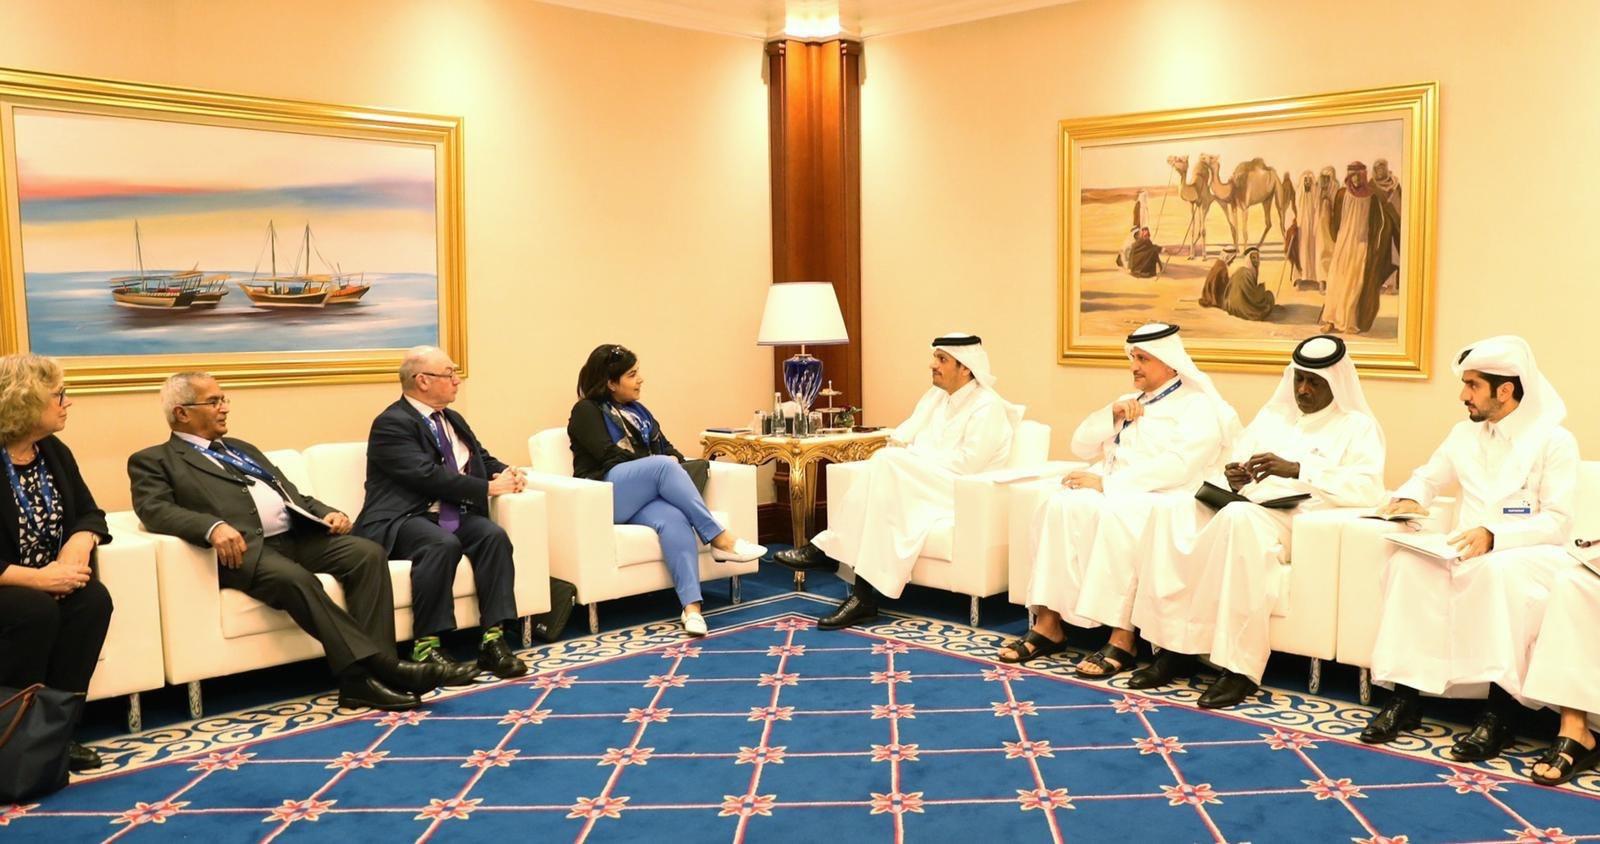 نائب رئيس مجلس الوزراء وزير الخارجية يجتمع مع عدد من أعضاء مجلس اللوردات والعموم البريطاني